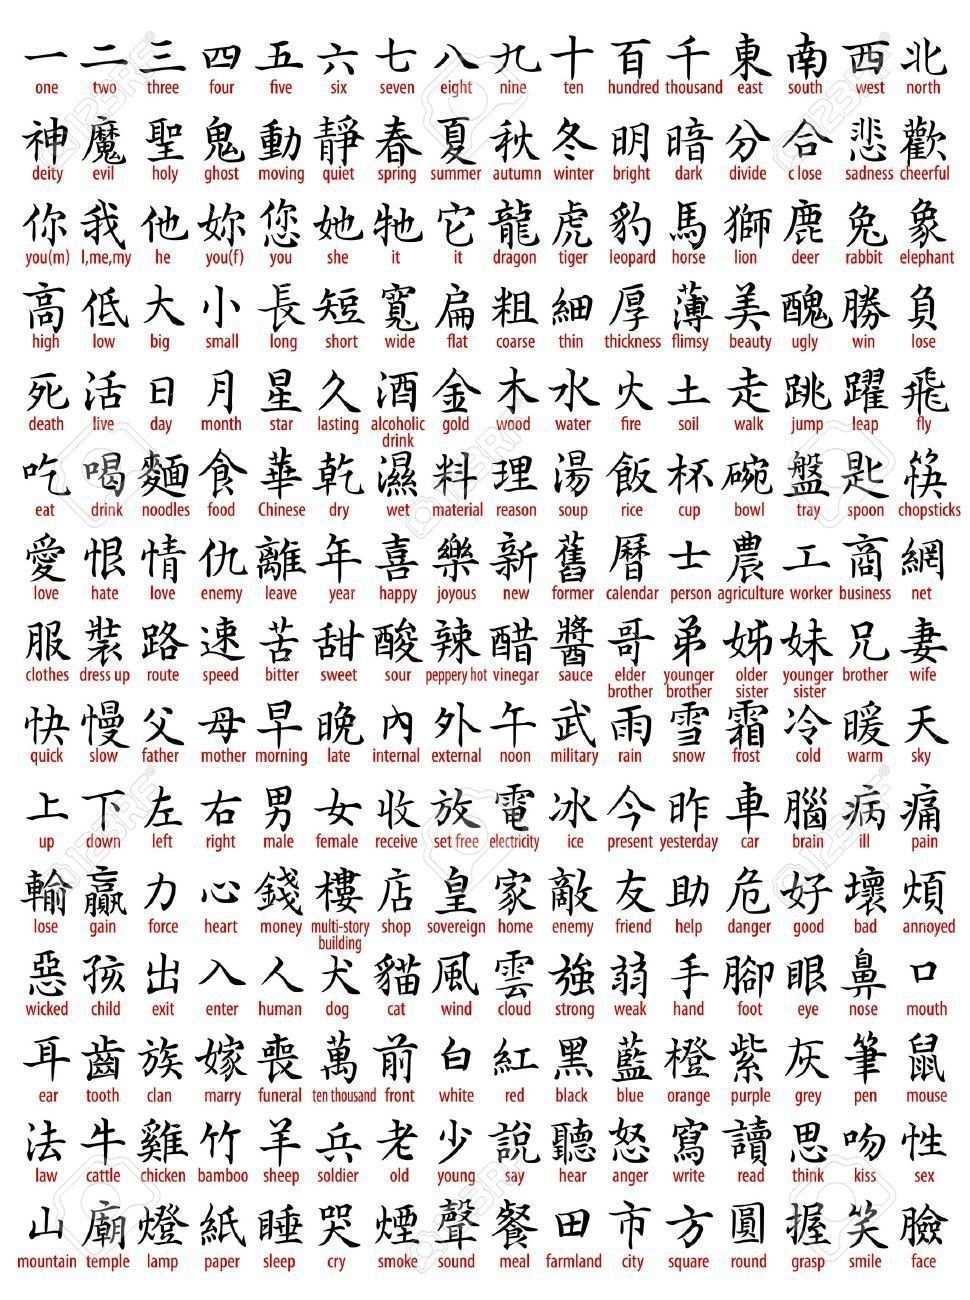 Pin Von Andreia Sarbu Auf Tiny Tattoo Chinesische Worter Chinesische Schriftzeichen Chinesische Kalligraphie